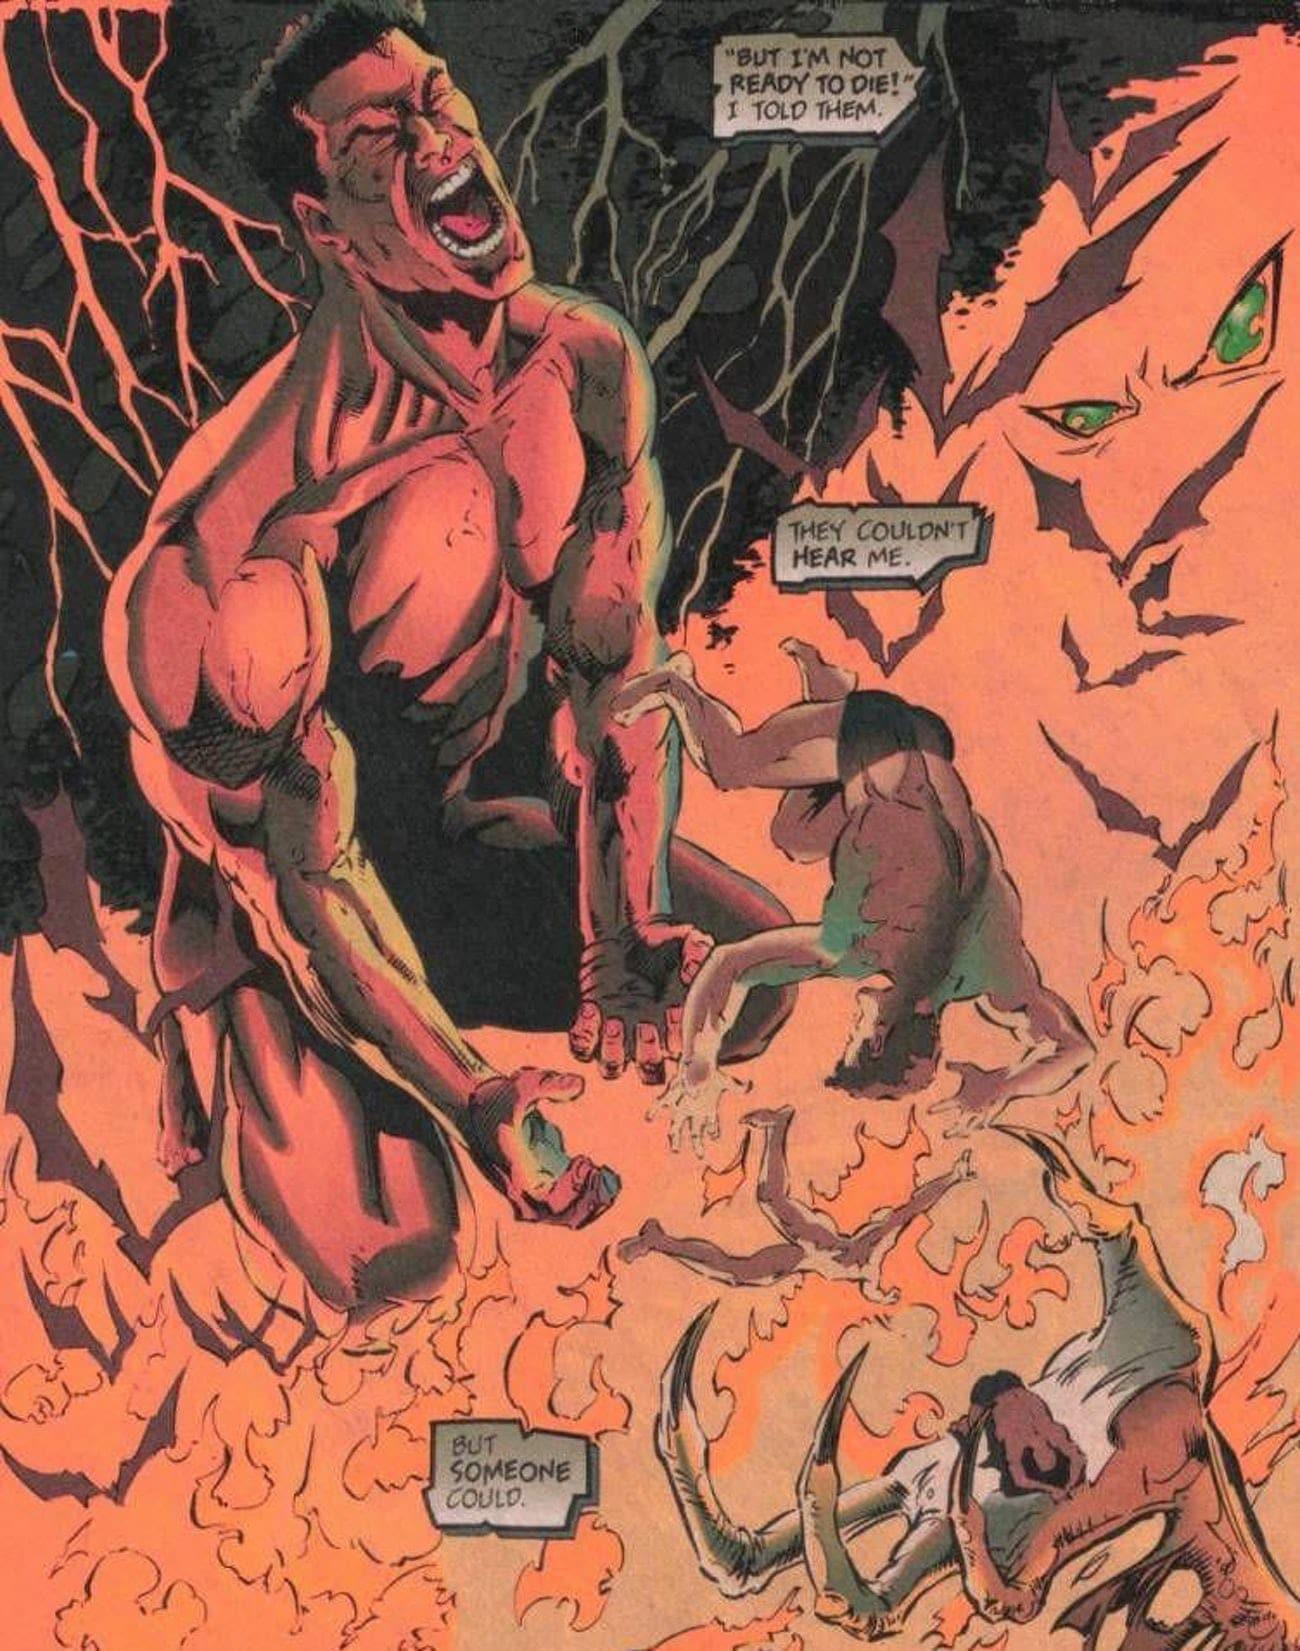 Спаун занесен в список 13 самых мучительных историй о происхождении супергероев (или занимает 5-е место)